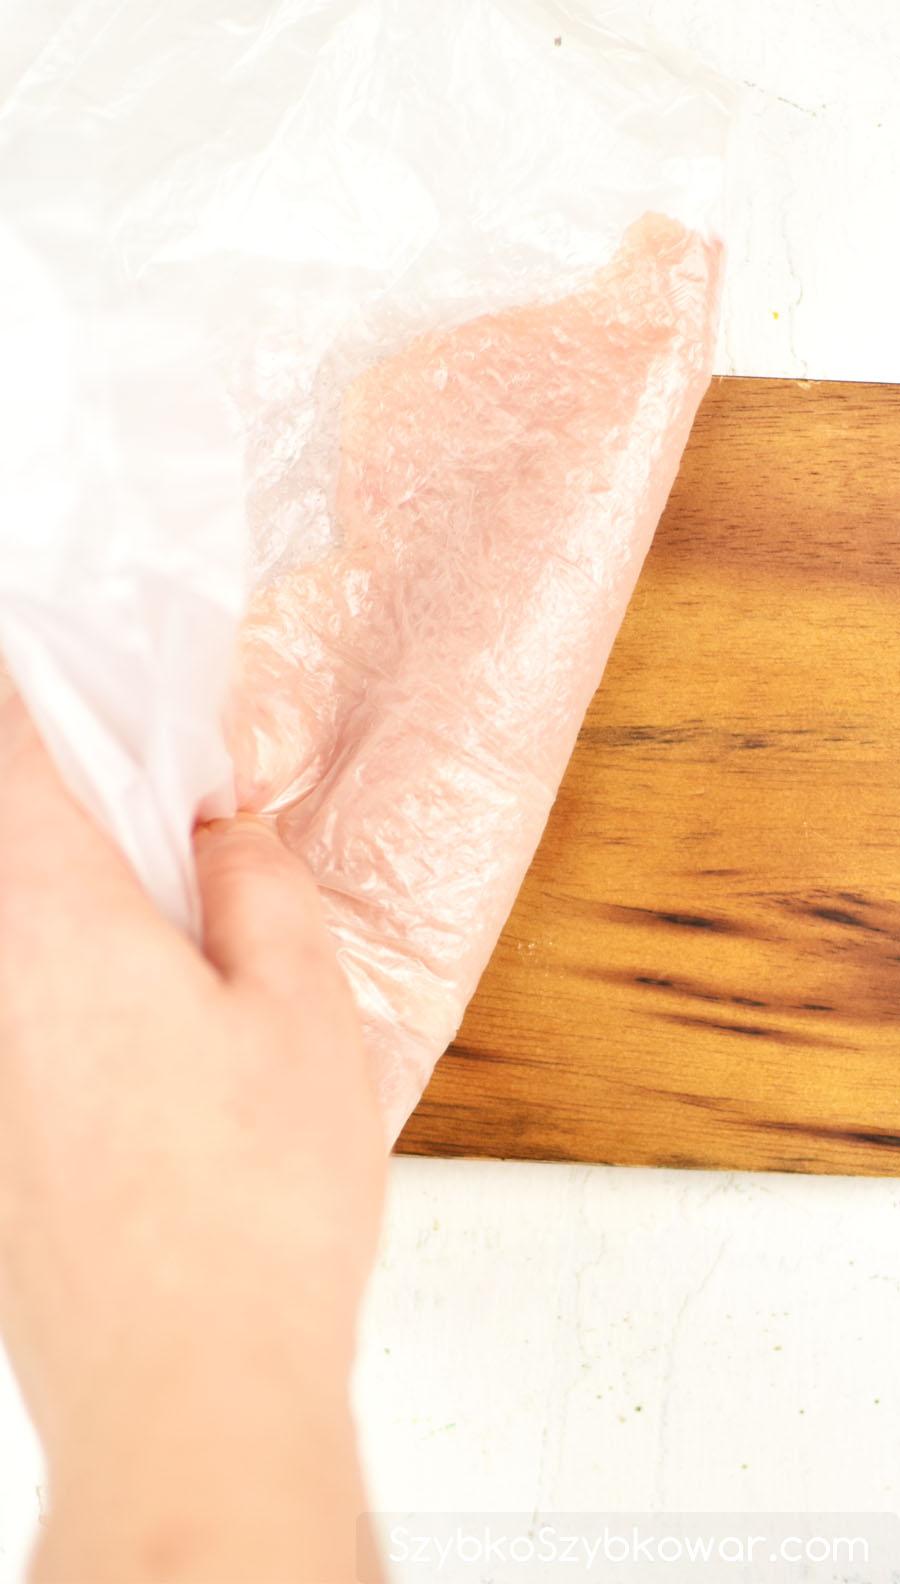 Przykryj ponownie filet drobiowy woreczkiem foliowym, chwyć filet drobiowy z obydwoma woreczkami i odwróć.